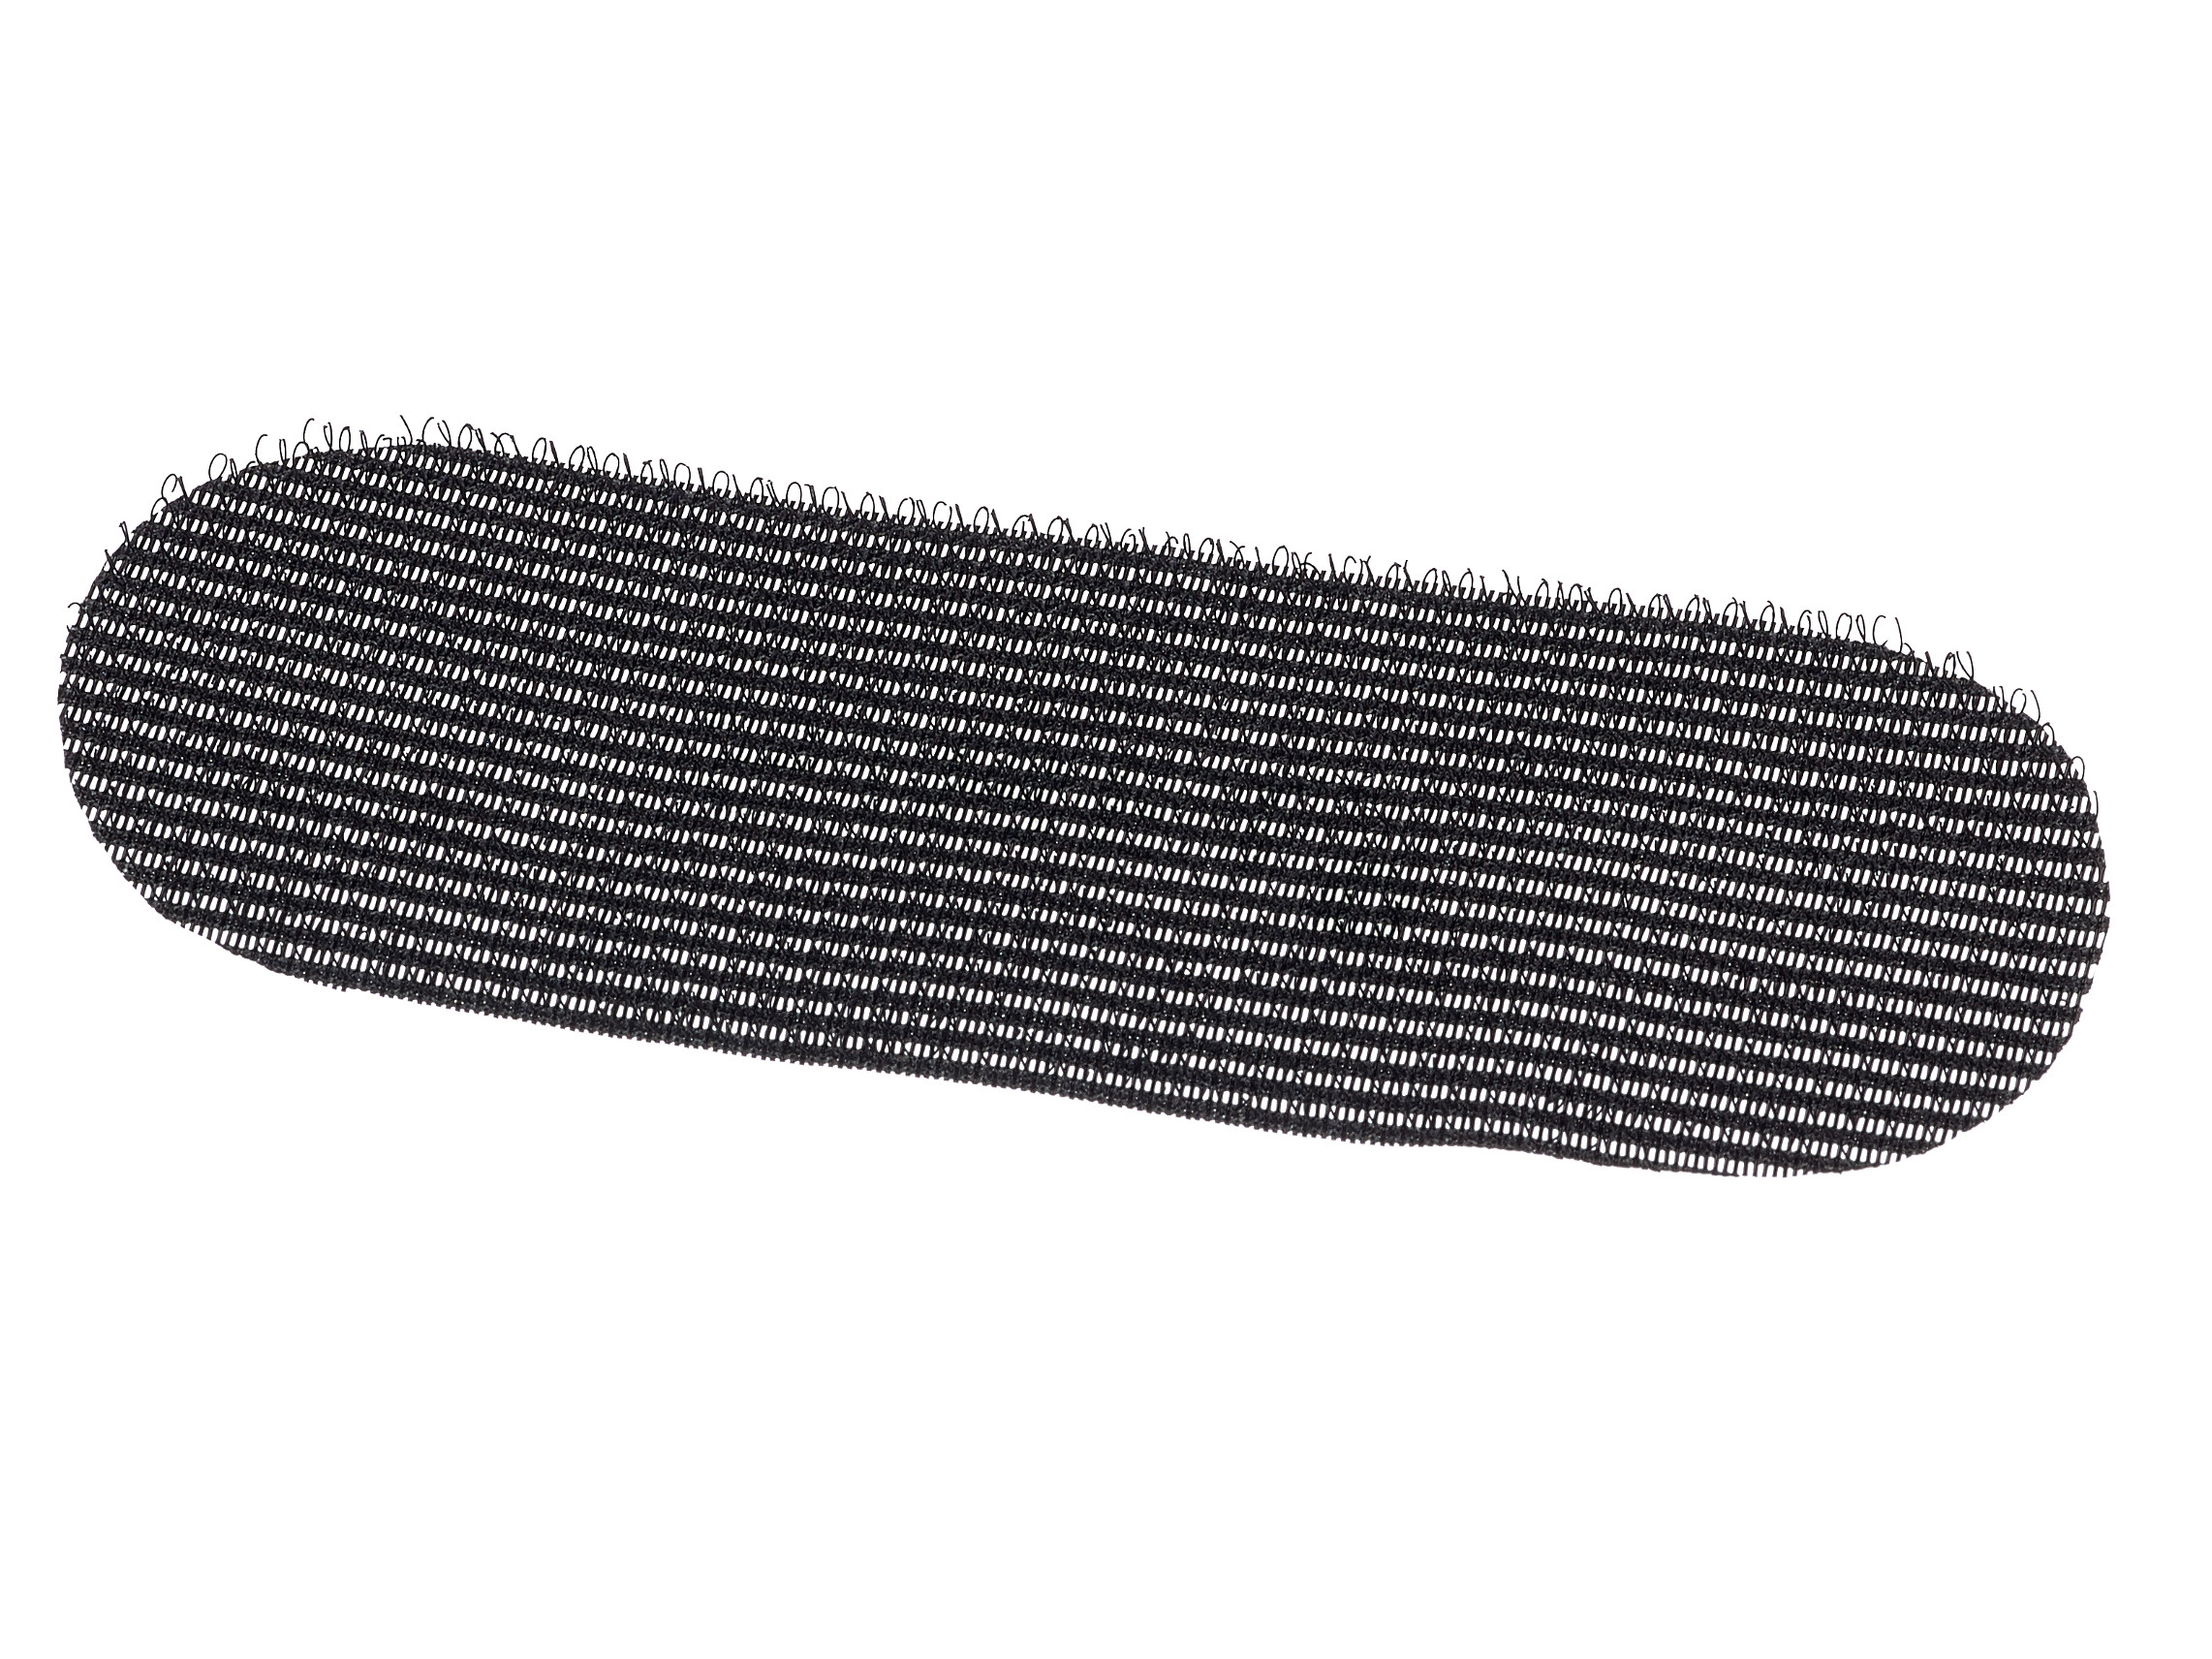 Suchý zip pro uchycení vlasů Sibel - 2 ks (9341002) + DÁREK ZDARMA